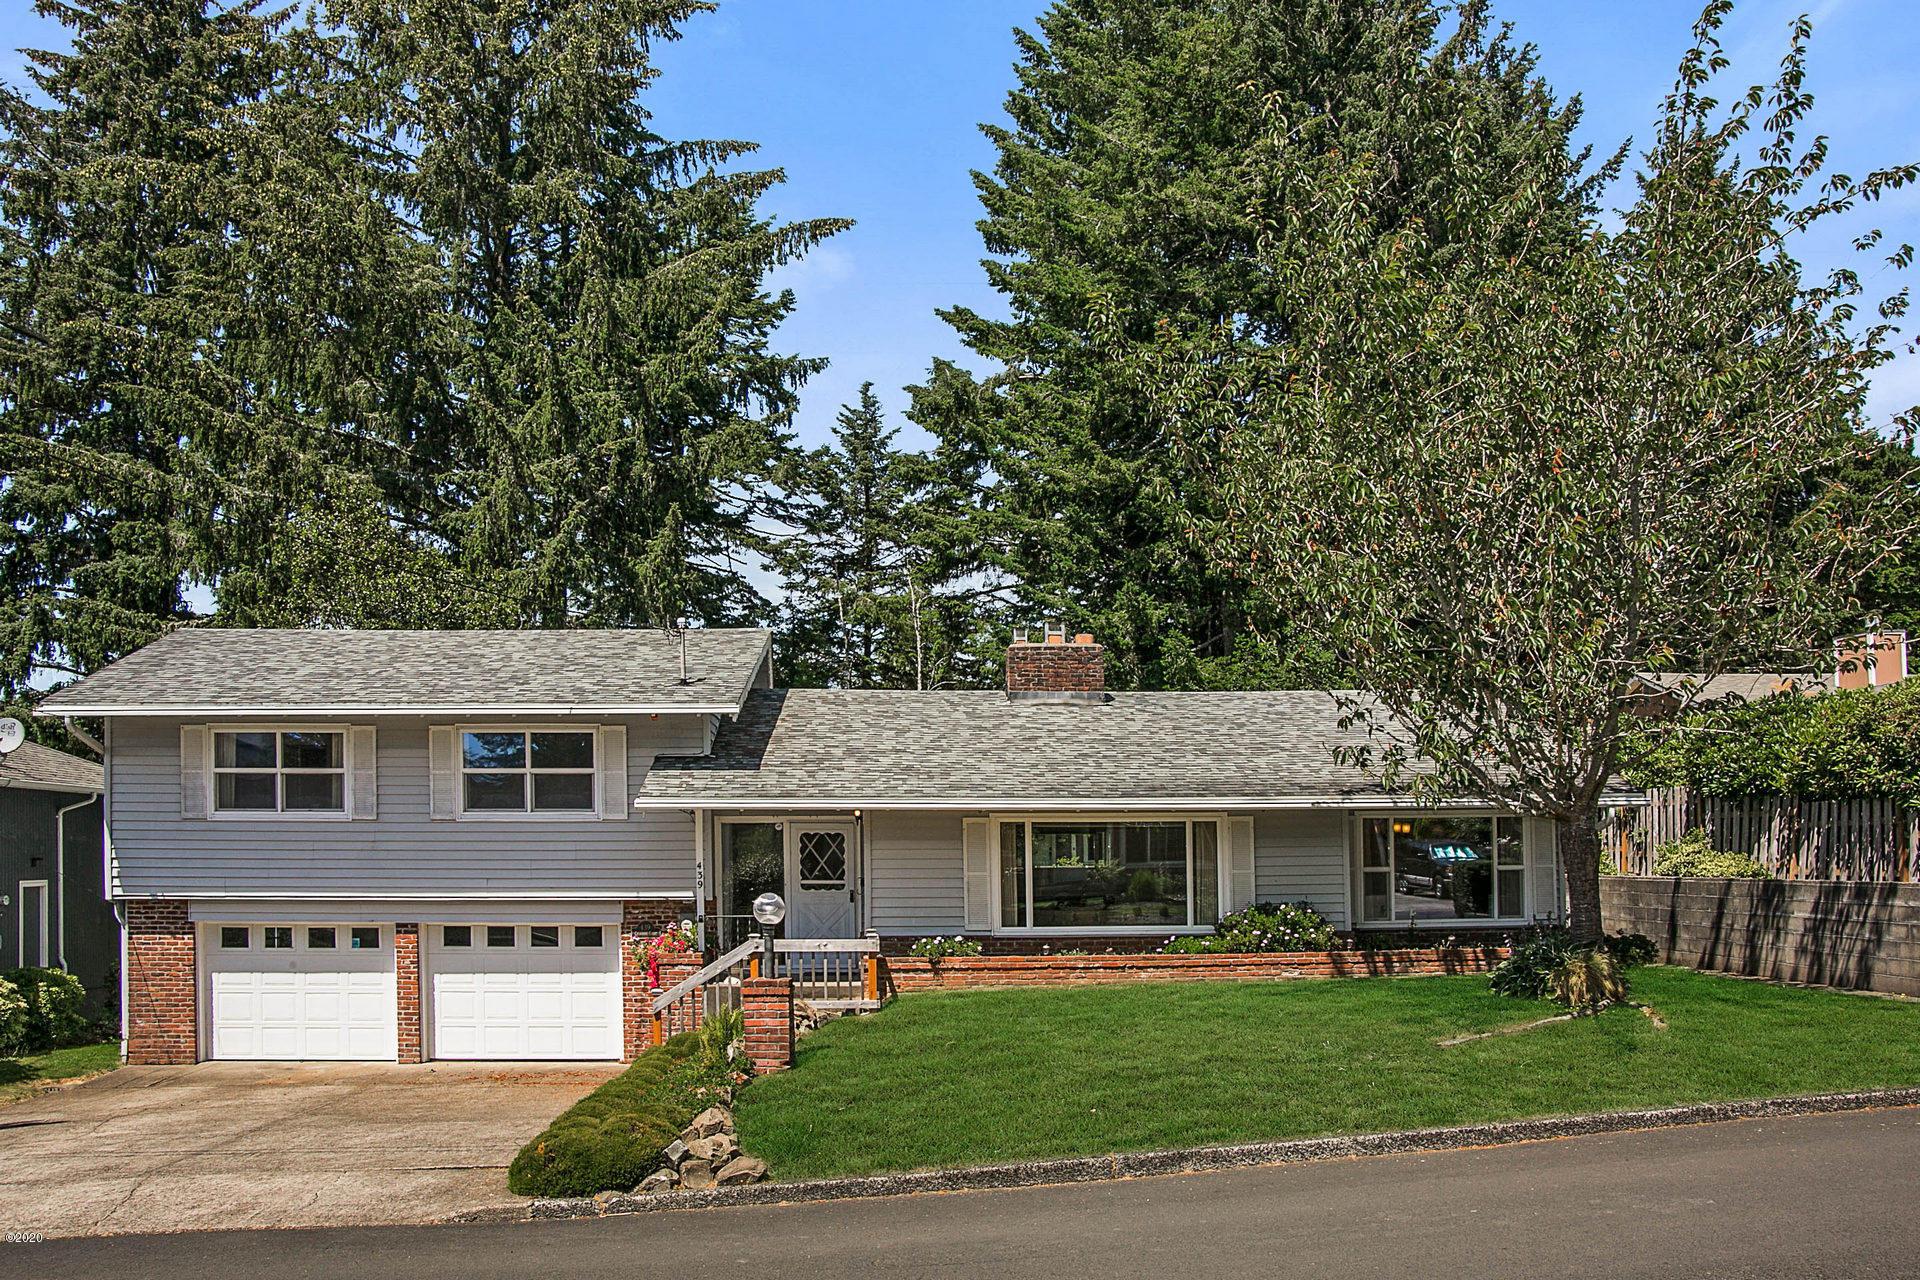 439 NE Chambers Ct, Newport, OR 97365 - Street View